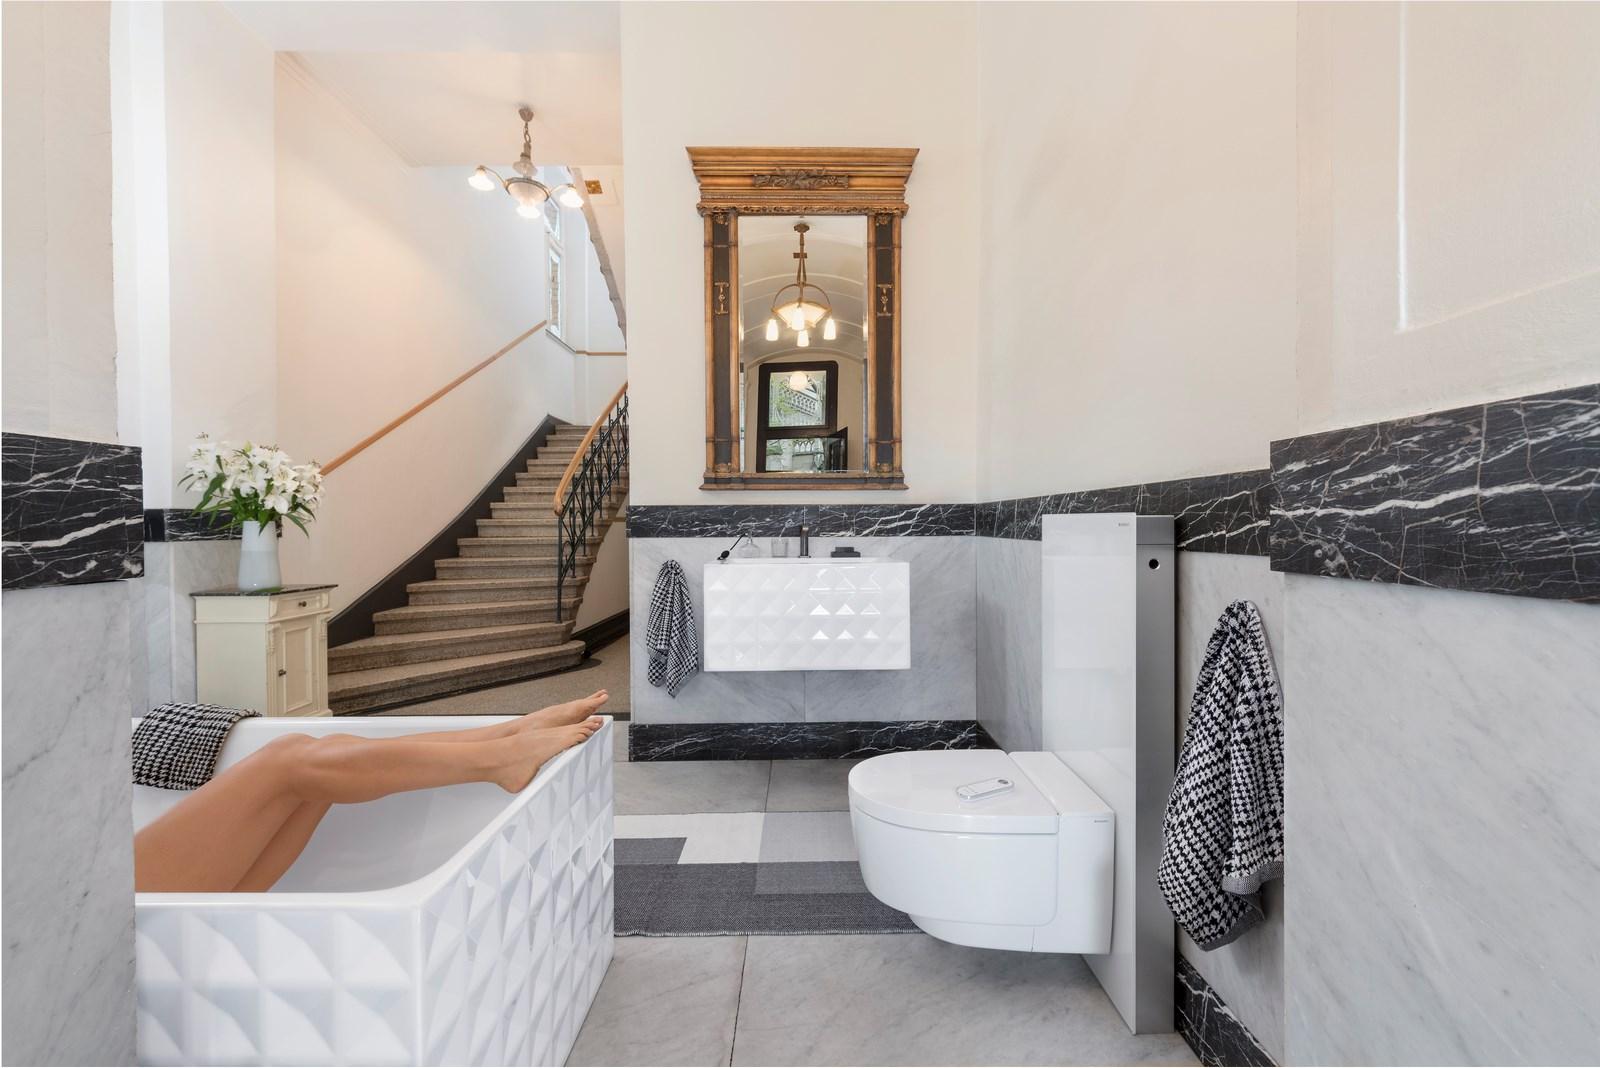 Confort de aspecto llamativo: la línea BetteLoft Ornament está disponible como bañera independiente y un lavabo montado en la pared, ya sea con estampado de una o cuatro filas.  (Foto: far.design; Koelnmesse)